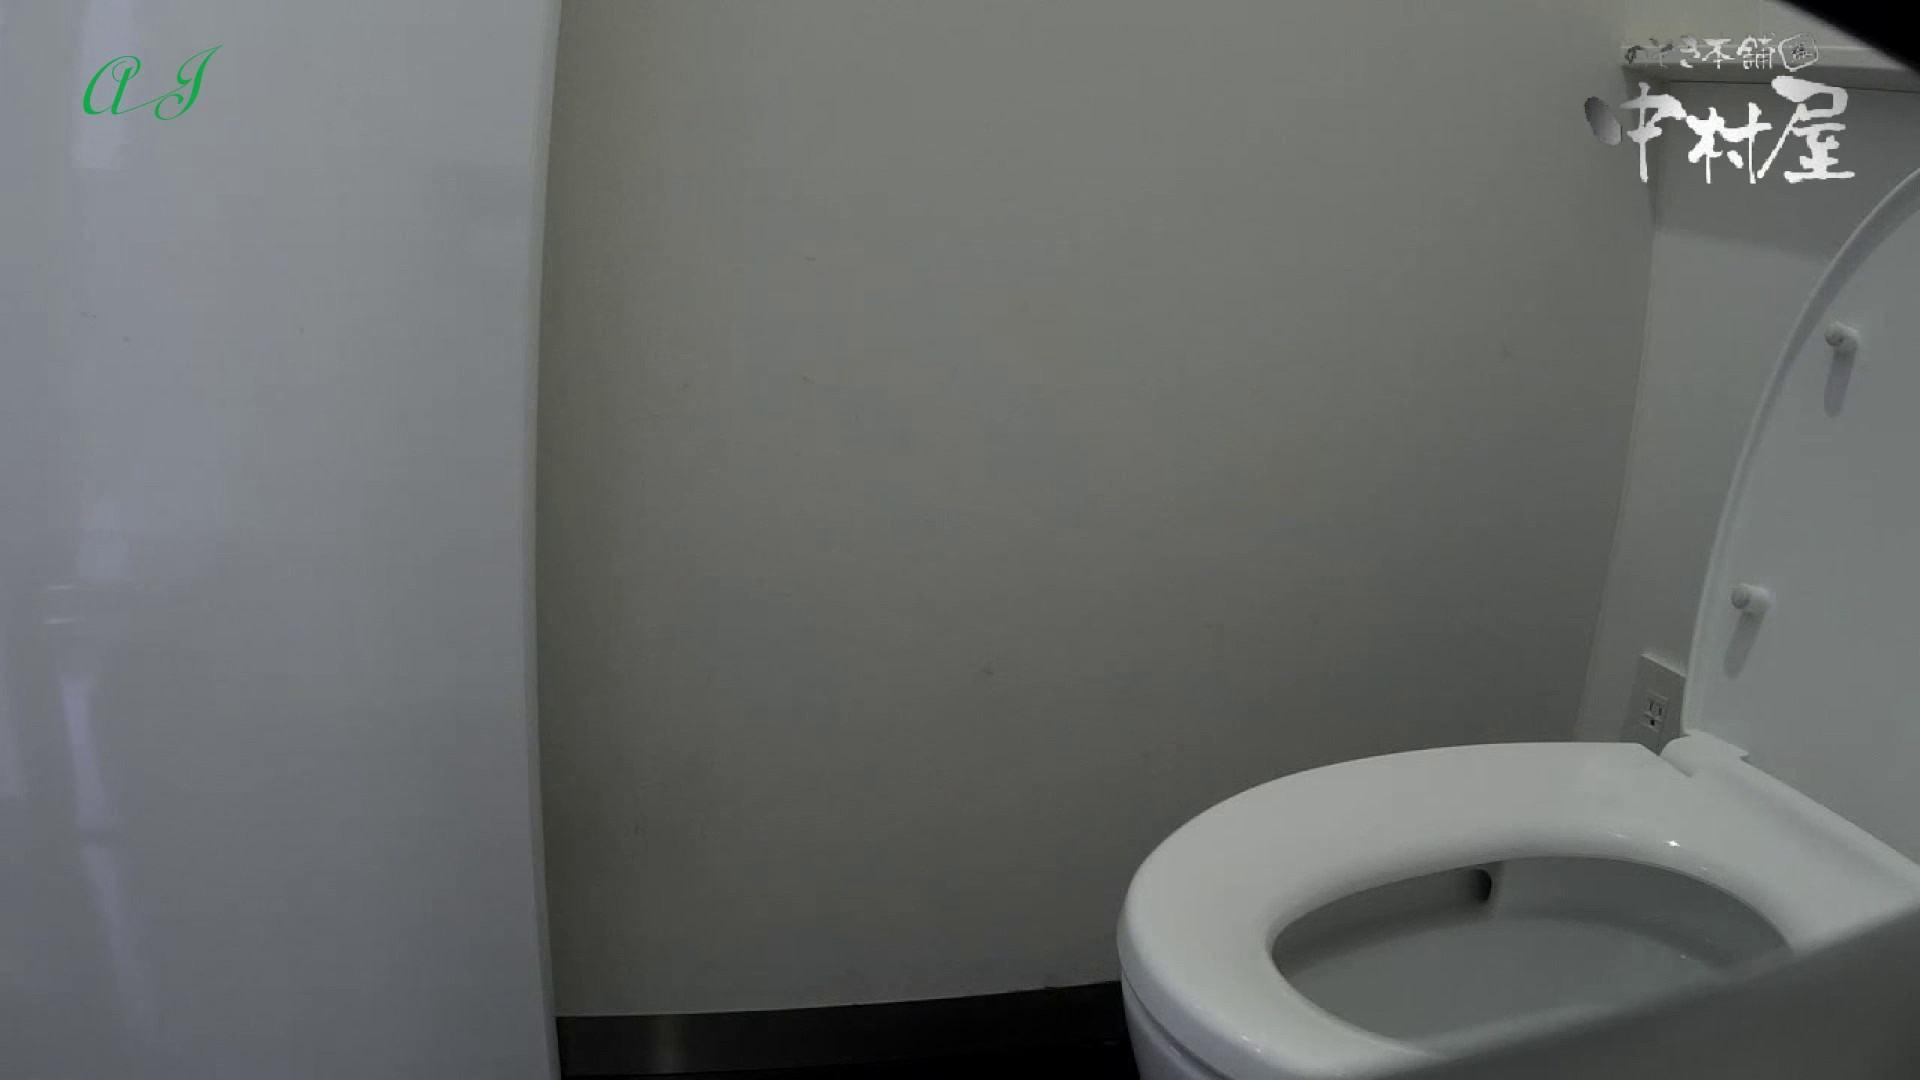 有名大学女性洗面所 vol.61 お久しぶりです。美しい物を美しく撮れました 投稿 エロ画像 75pic 44